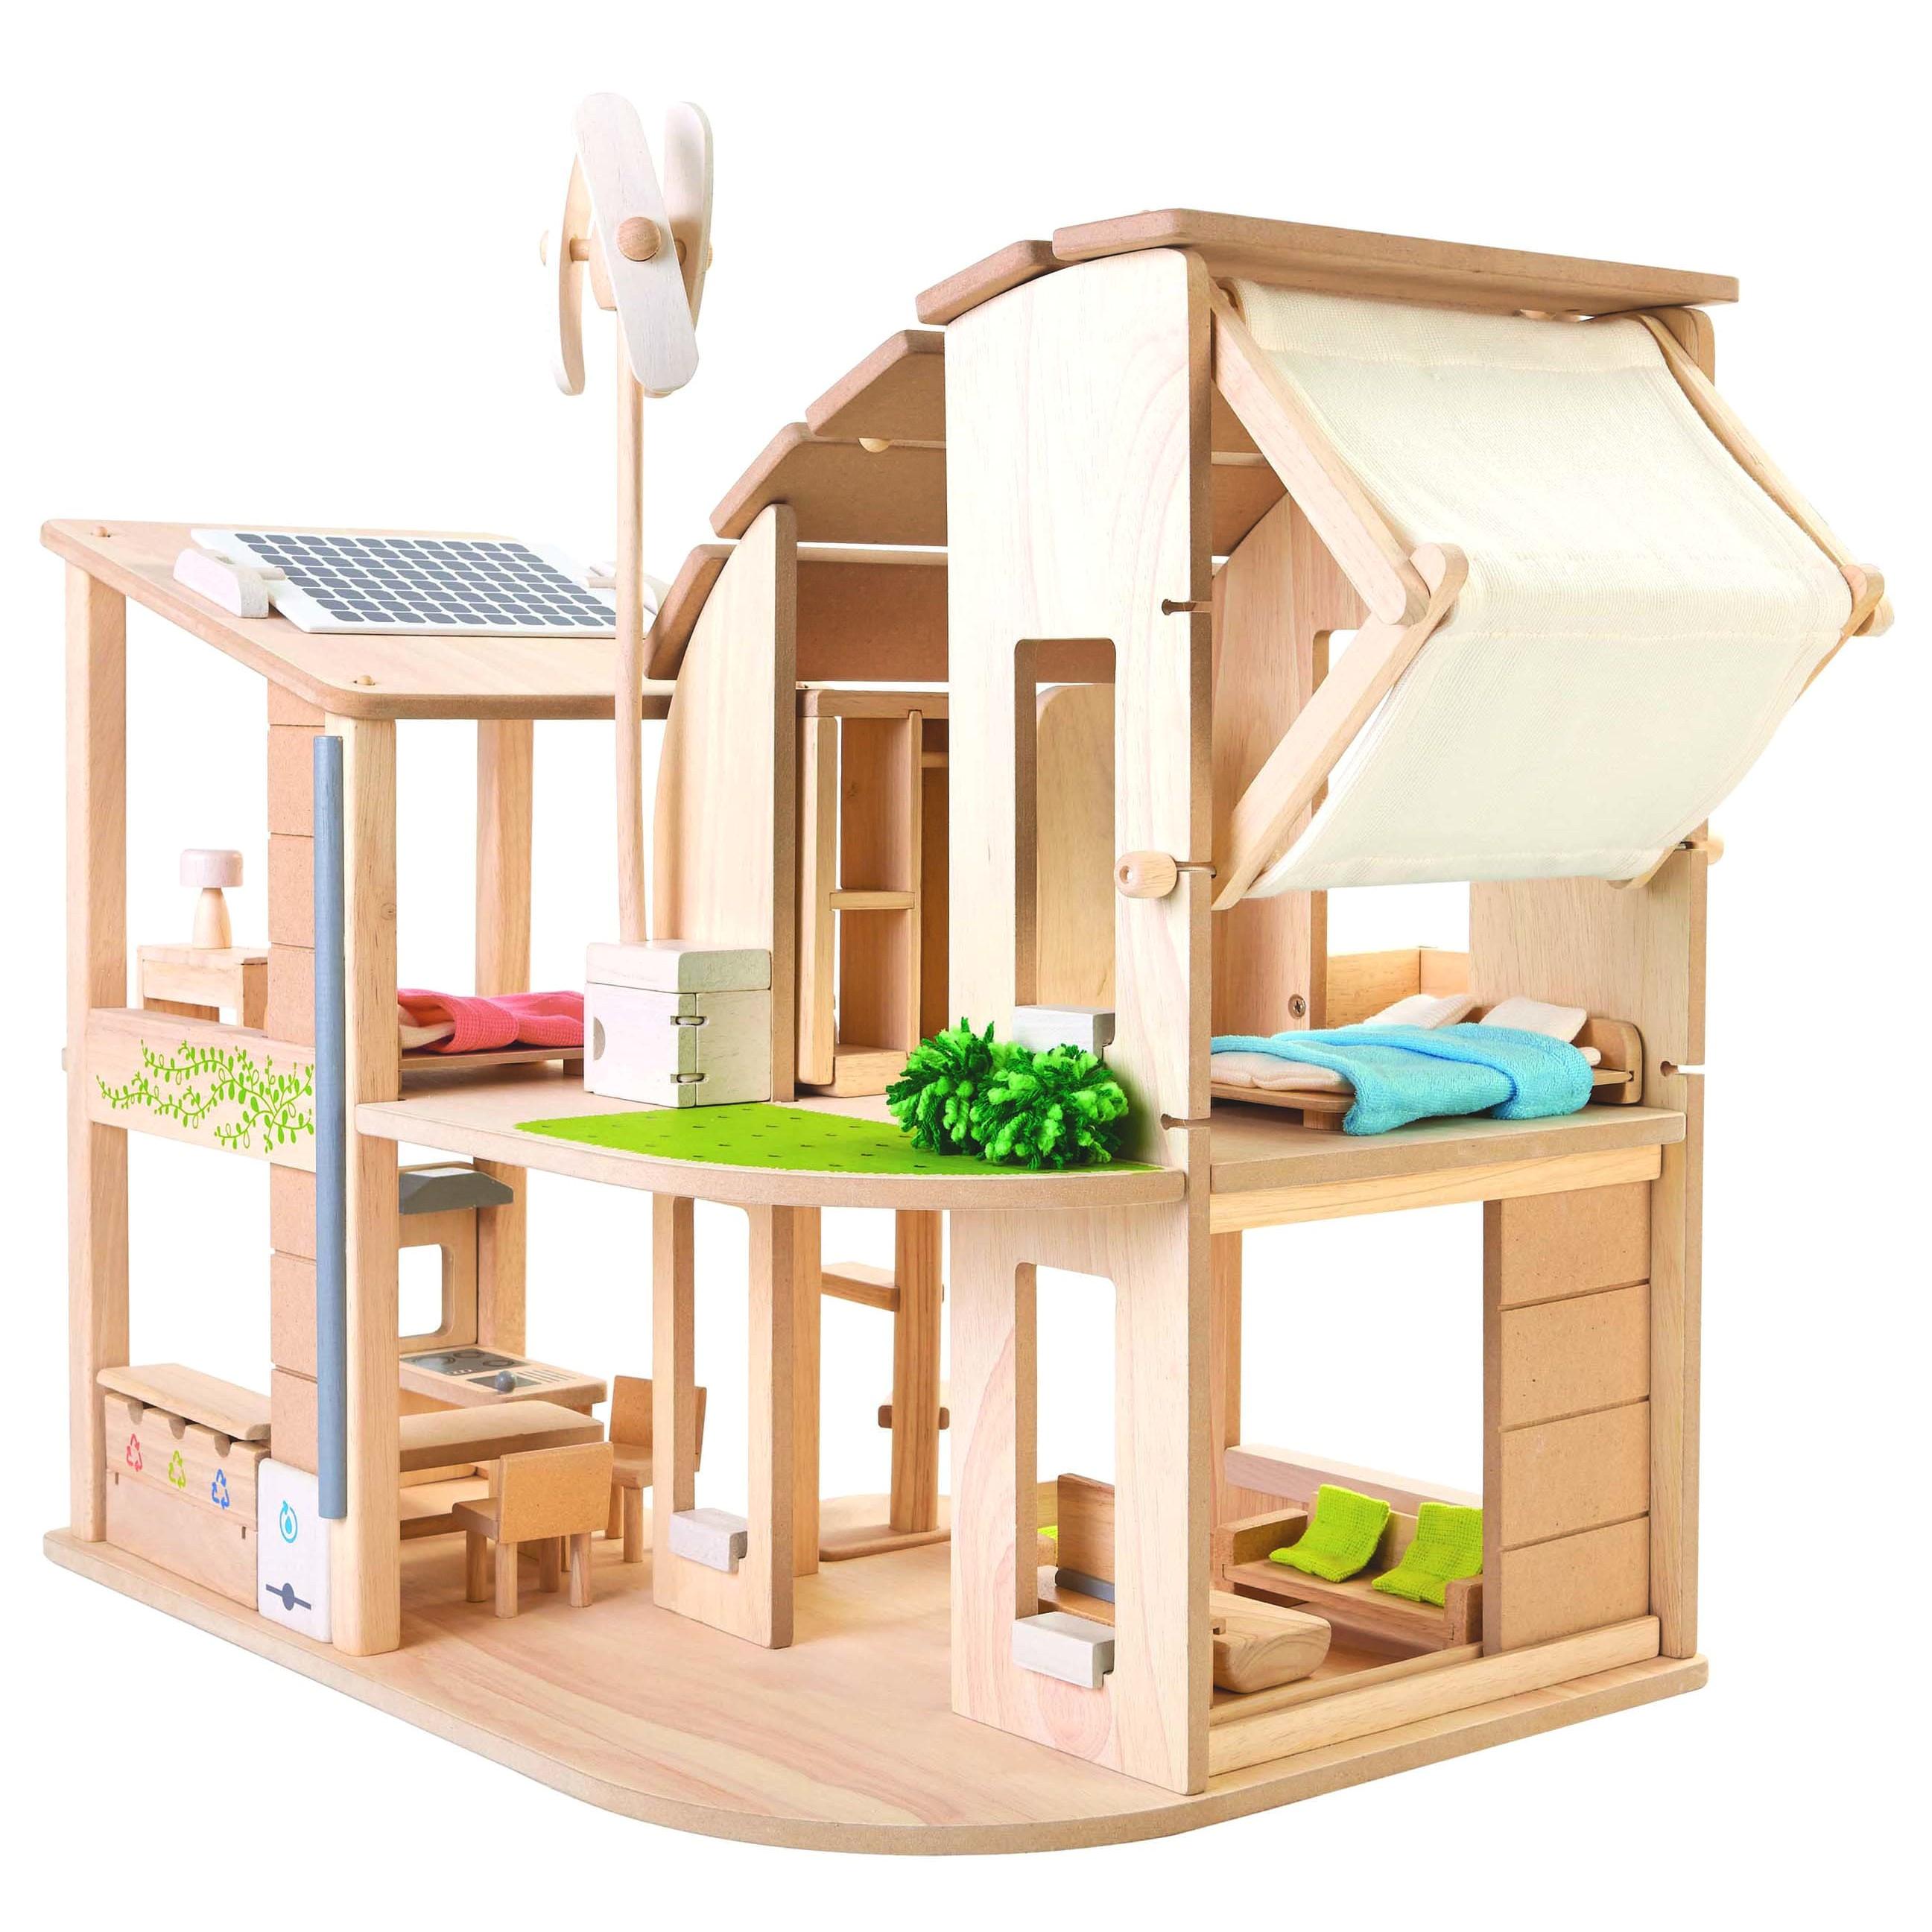 Plan toys Eco House Plan toys Green Dolls 39 House Furniture